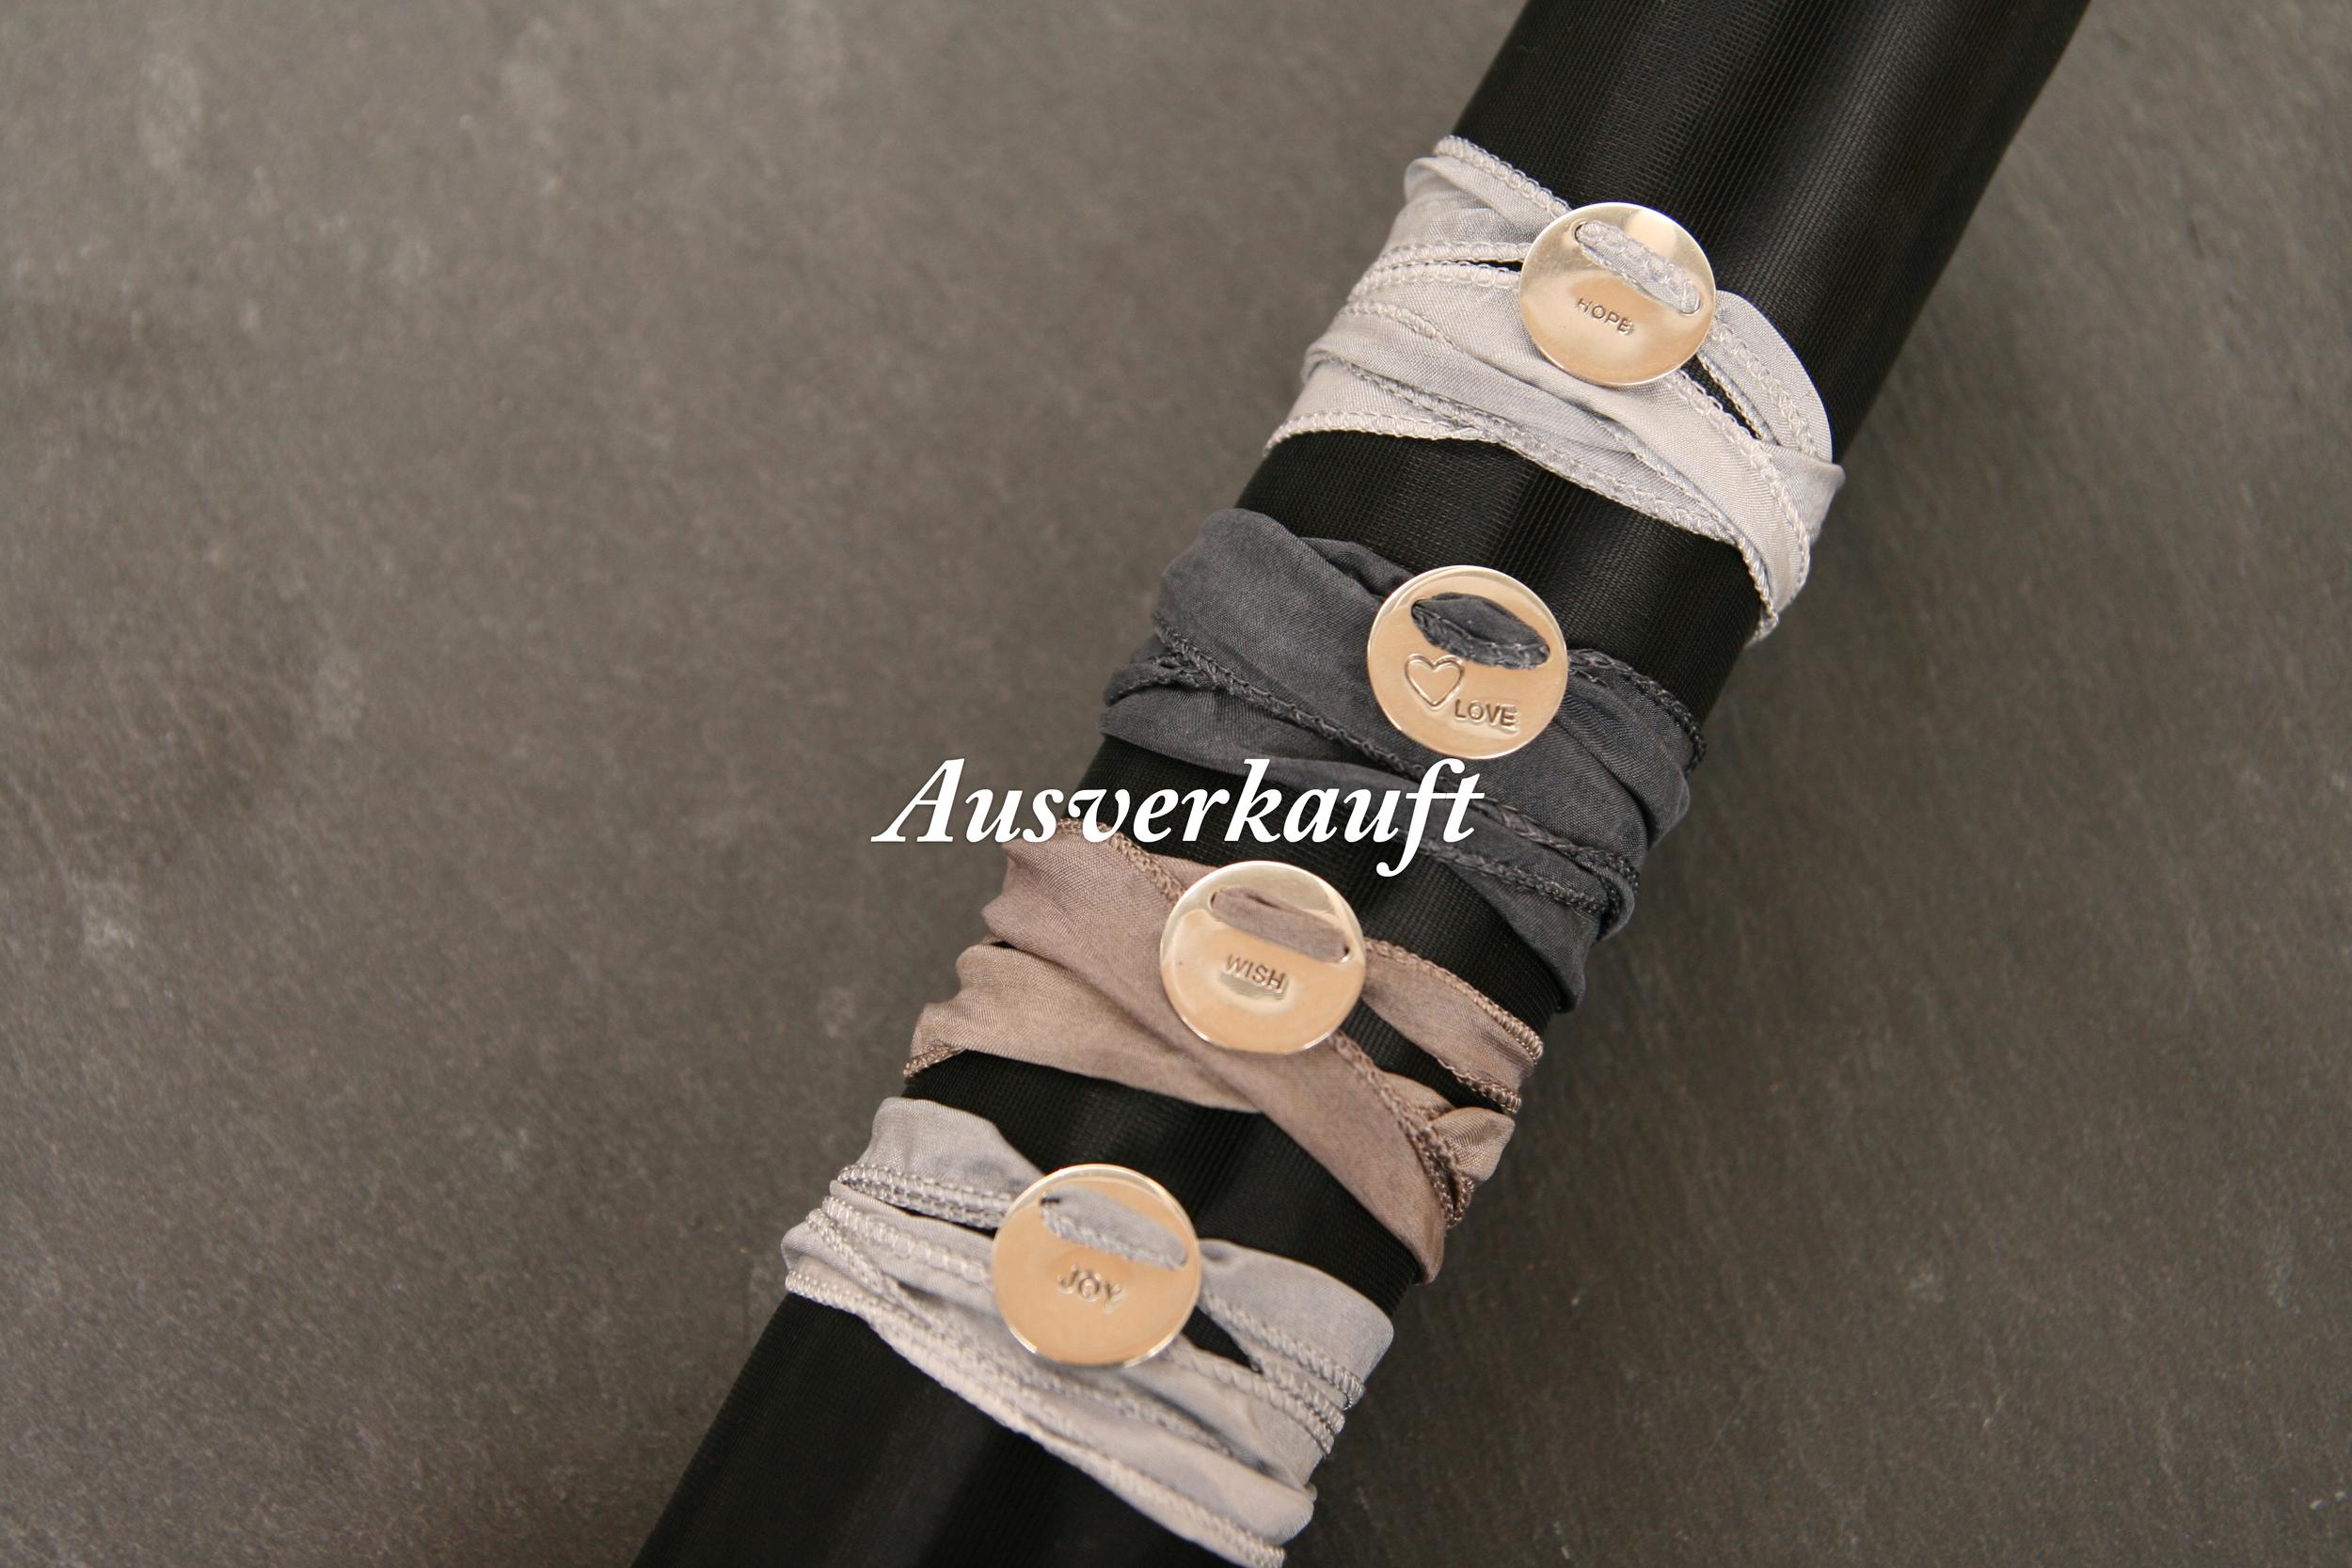 LOVE JOY HOPE WISH  Polierte Silberanhänger mit eingearbeitetem Text auf breitem Seidenband. Anhänger: ca. 15mm Durchmesser, Seidenband: 20mm breit; Bänder in den Farben hellgrau, taupe und dunkelgrau erhältlich, Text: LOVE, JOY, HOPE, WISH (auf Nachfrage sind auch andere Farben der Bänder erhältlich!)   BESTELLEN >>   35€